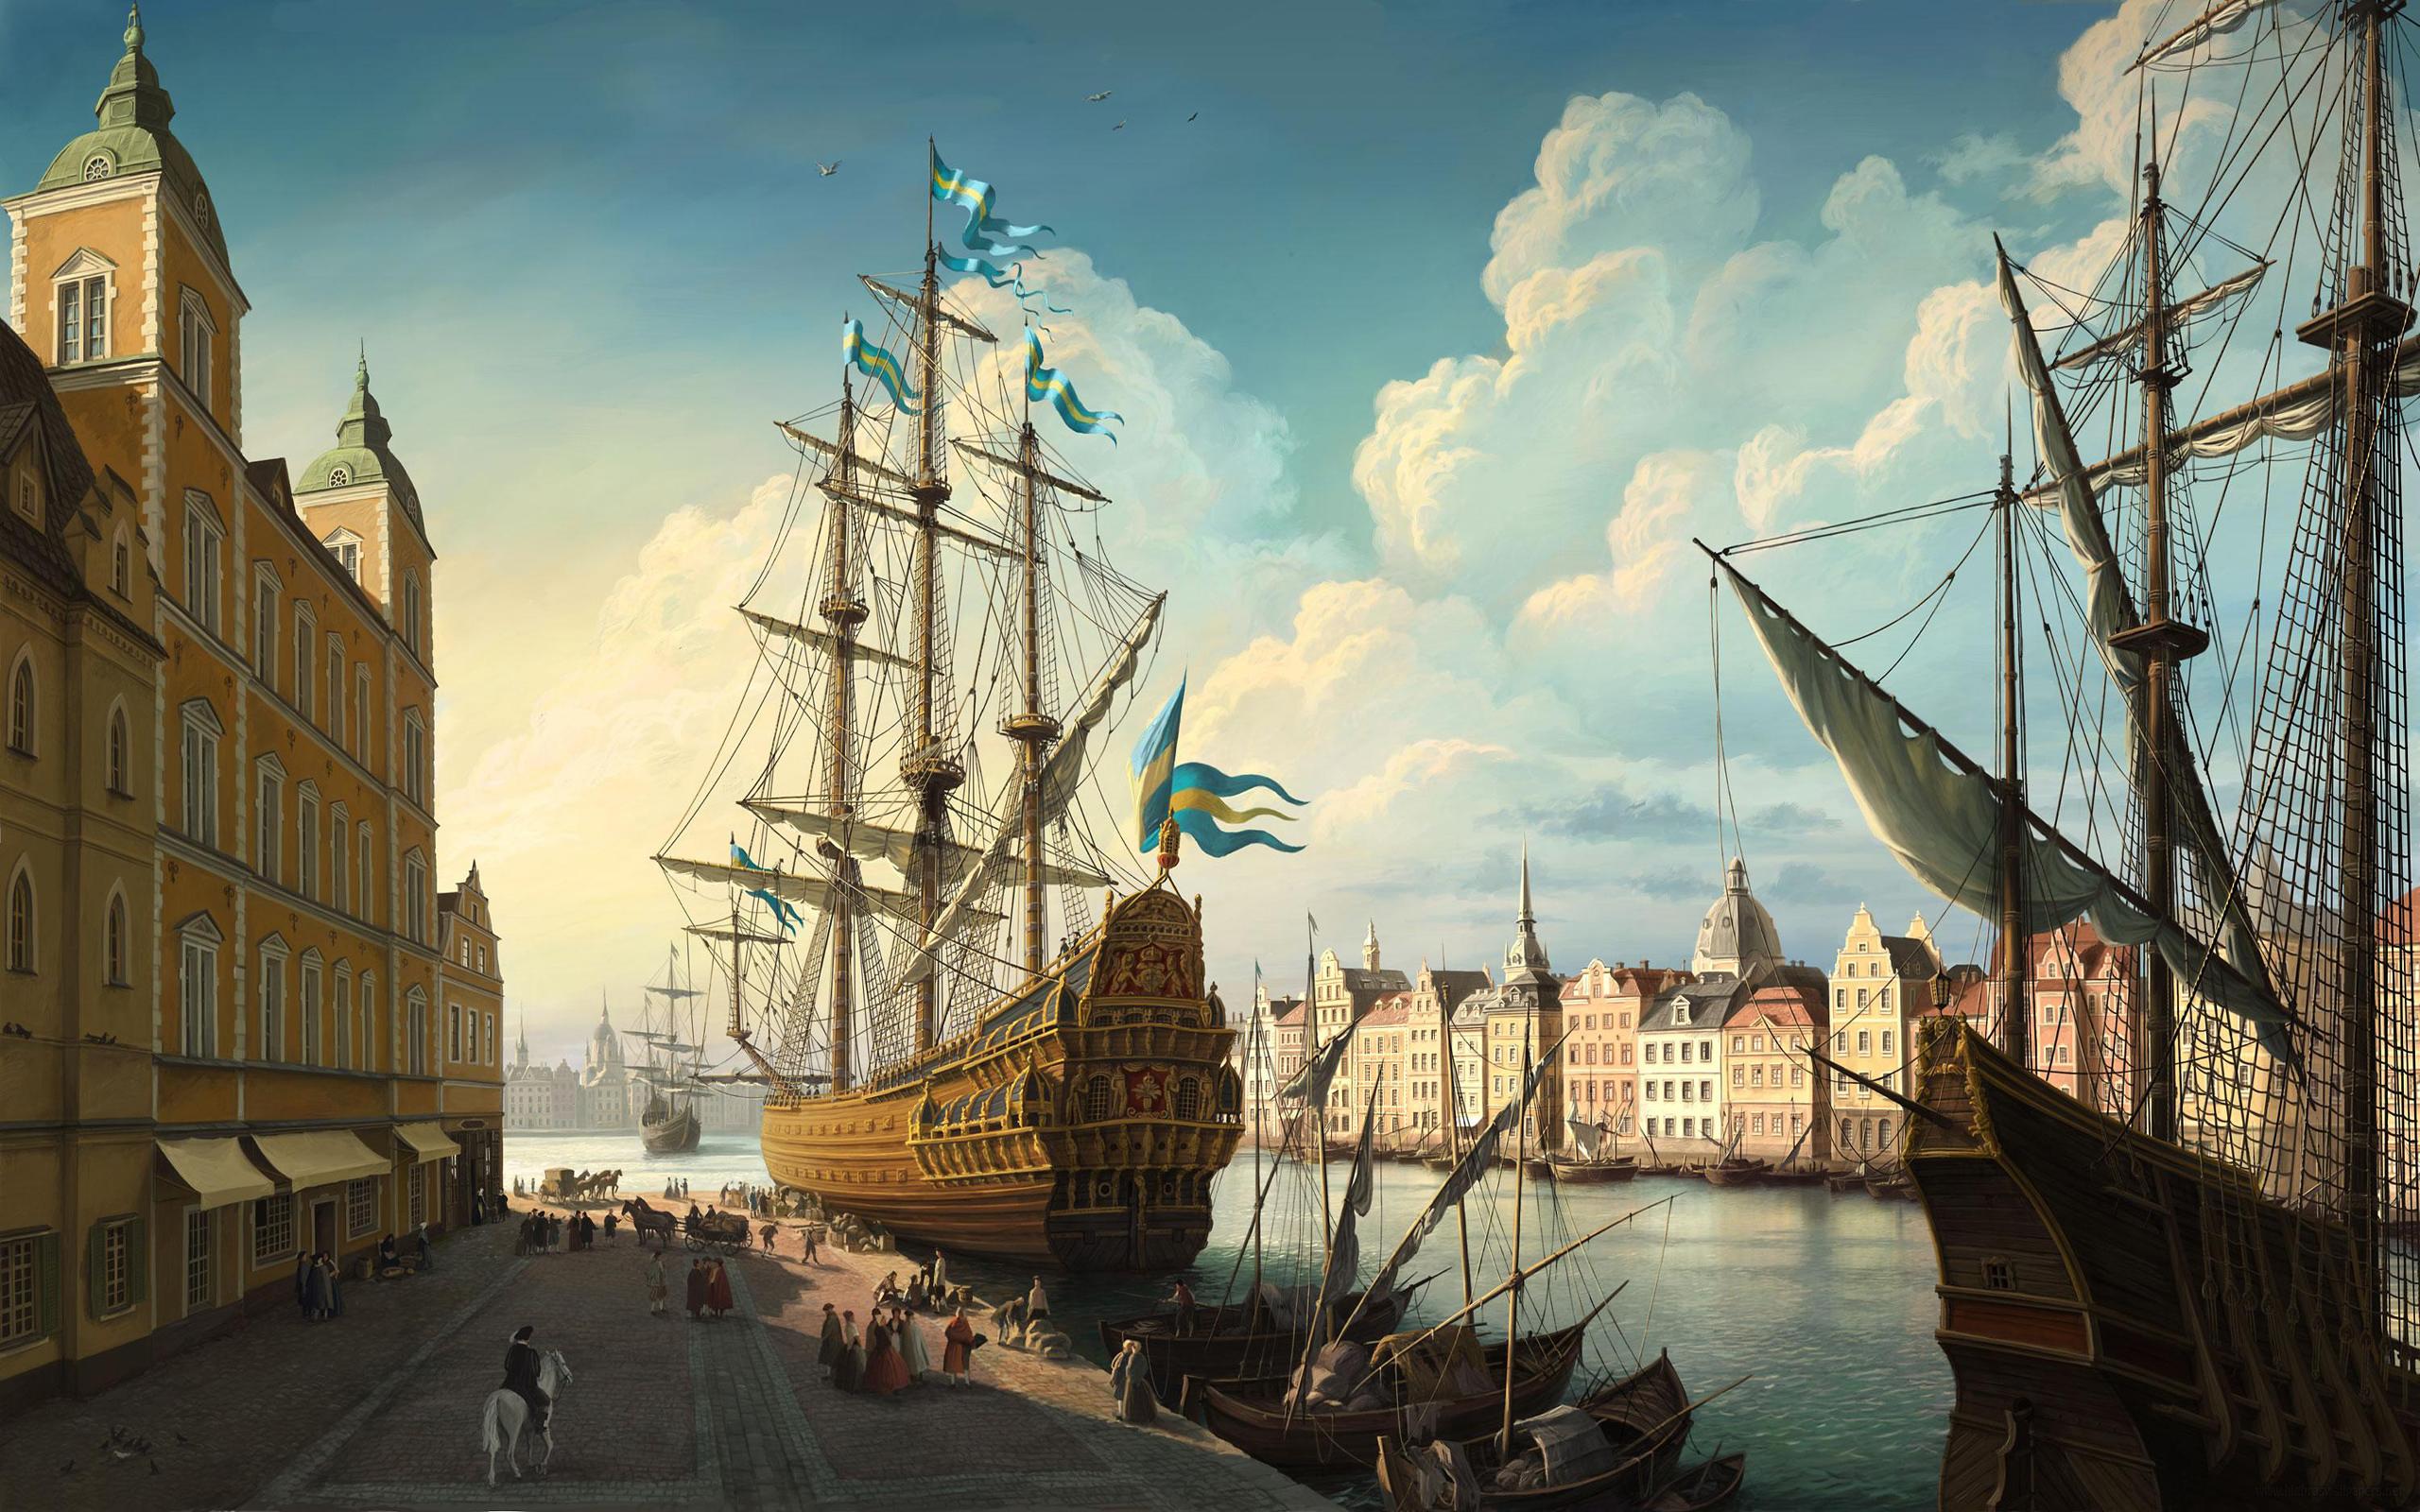 военно морские корабли обои для рабочего стола